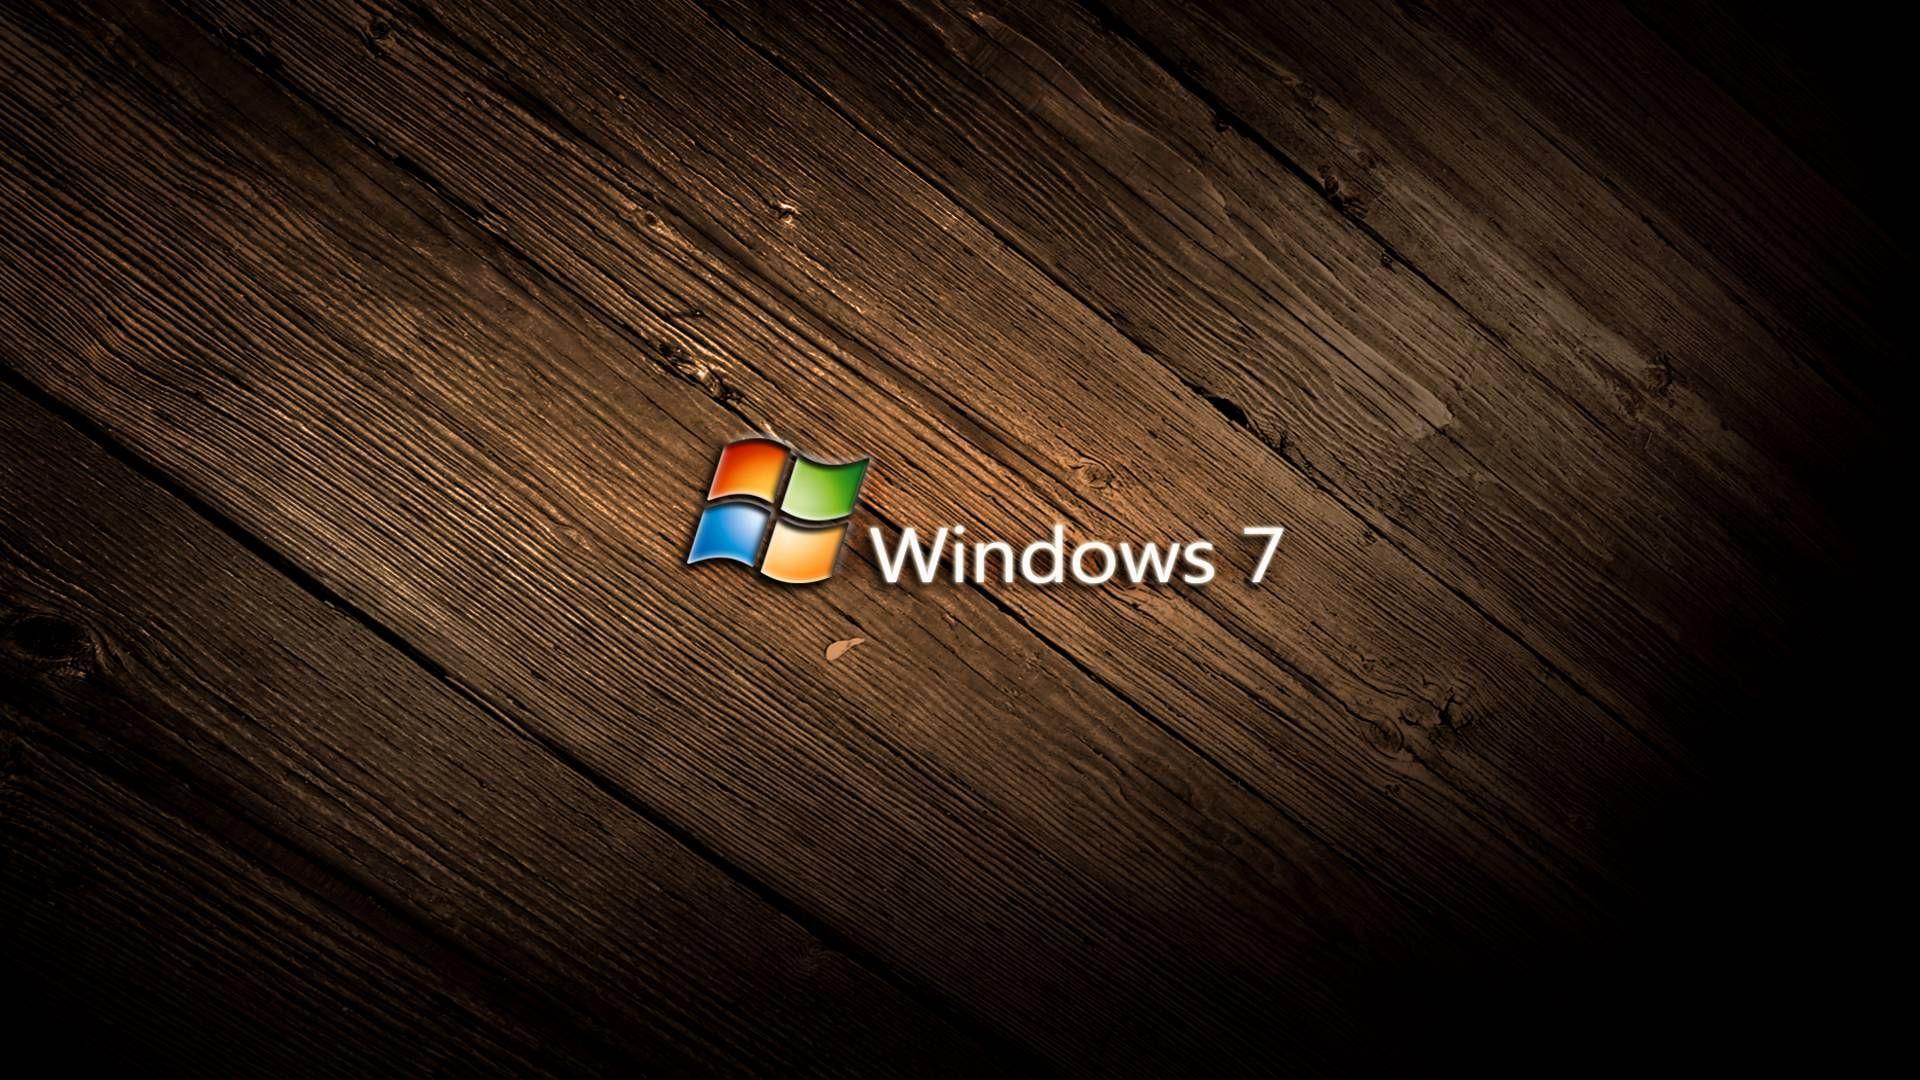 Windows Wood Hd Desktop Wallpaper Widescreen High Definition 1080p Wallpaper Windows